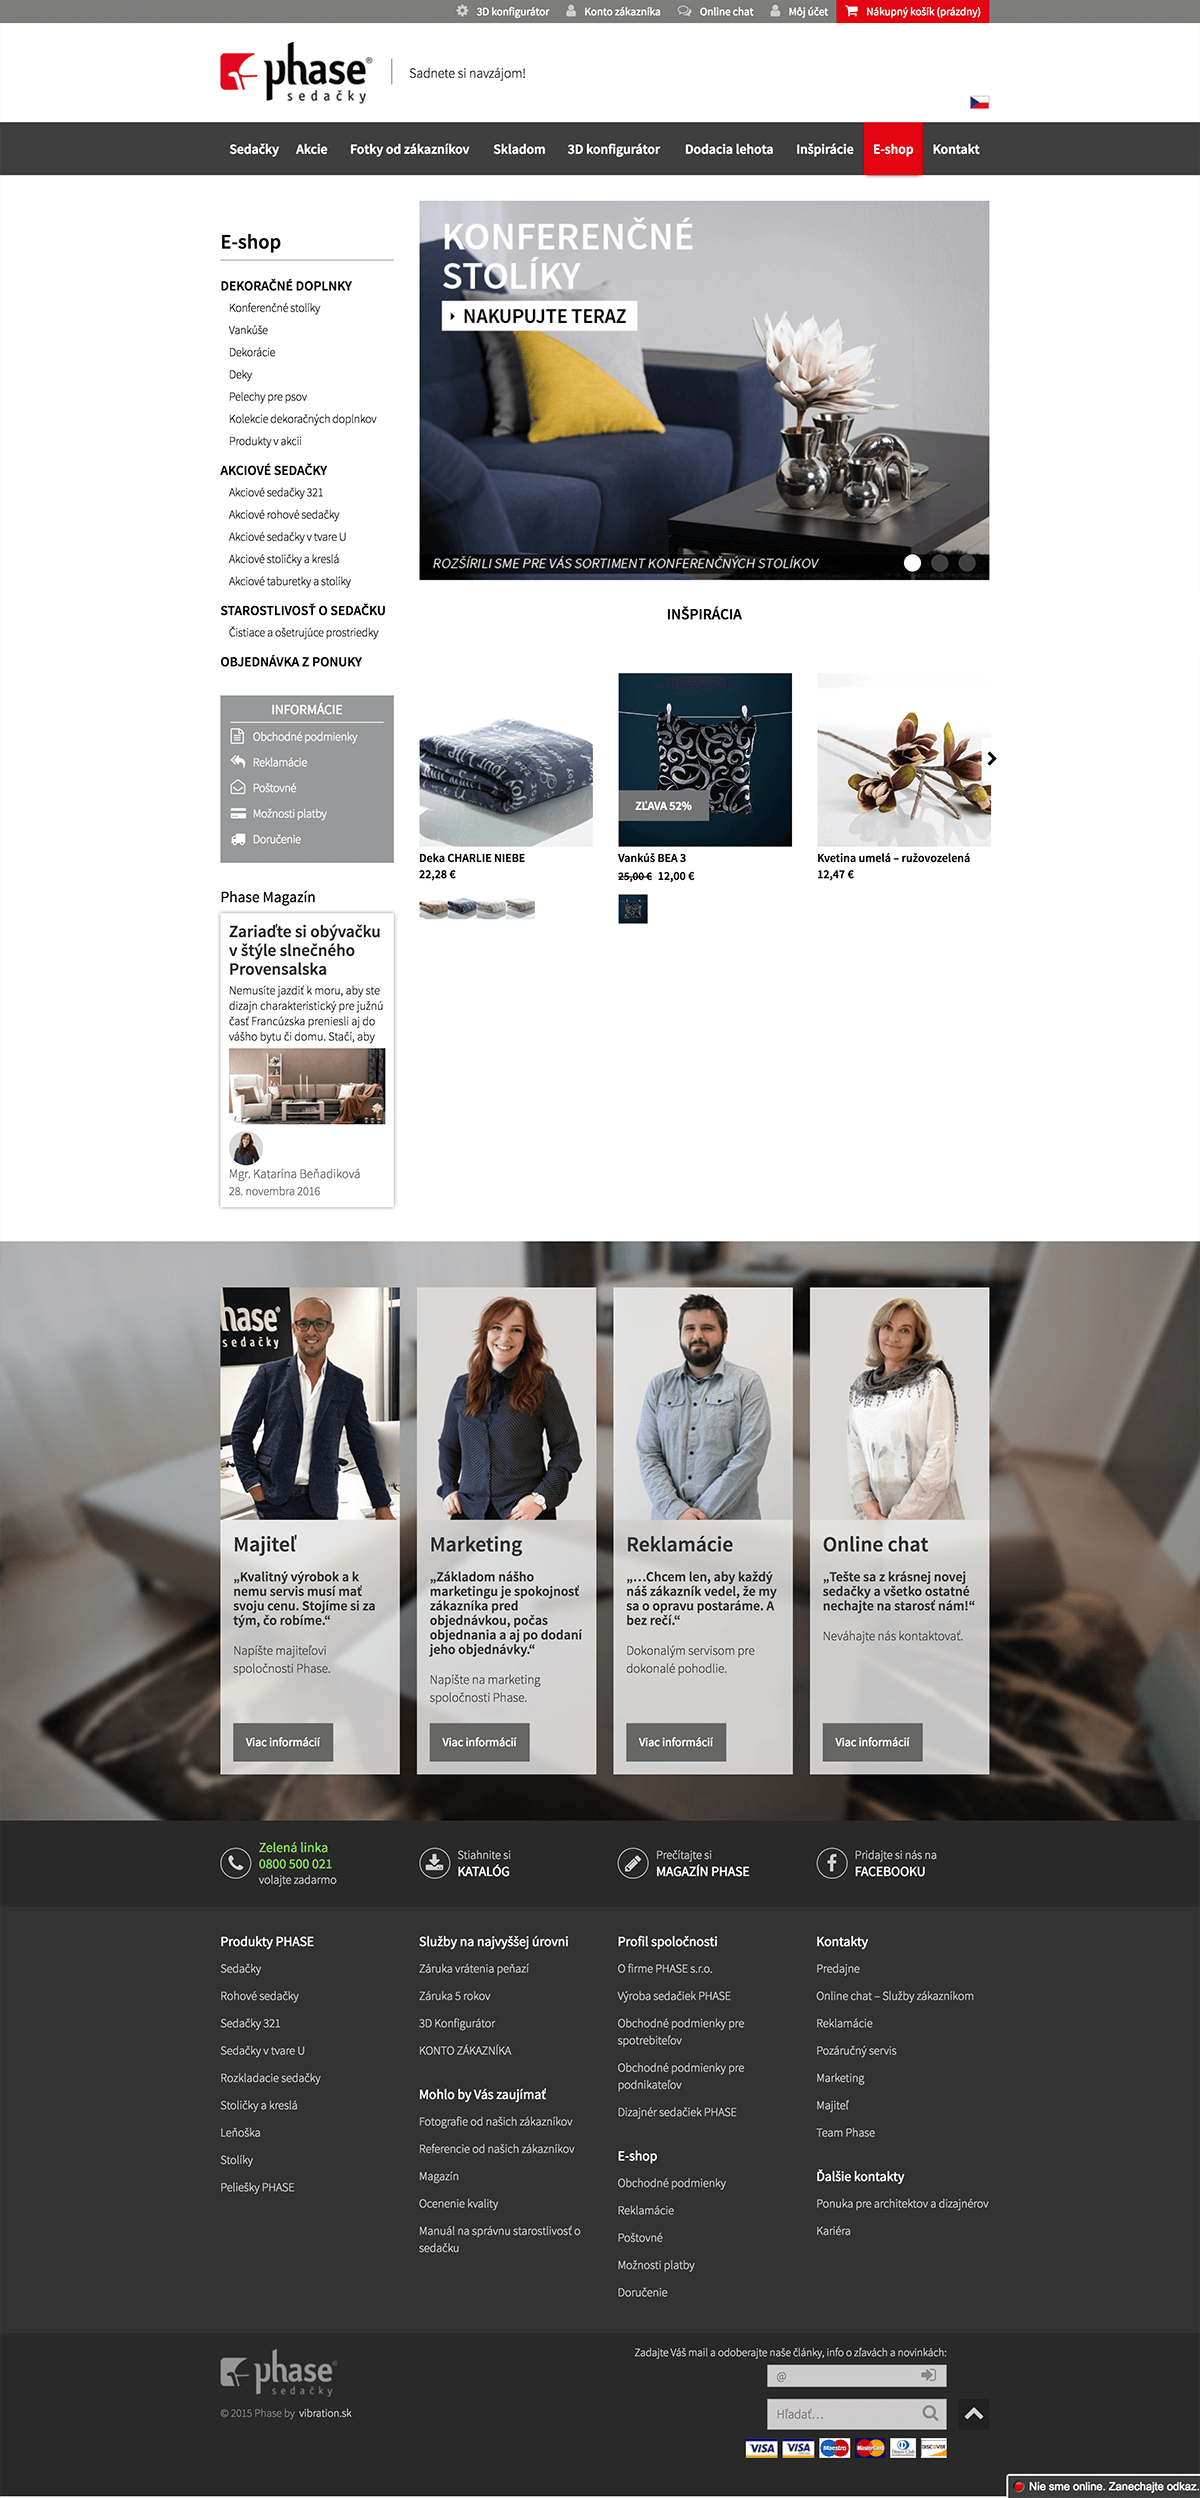 e-shop-eshop-sedacky-phase